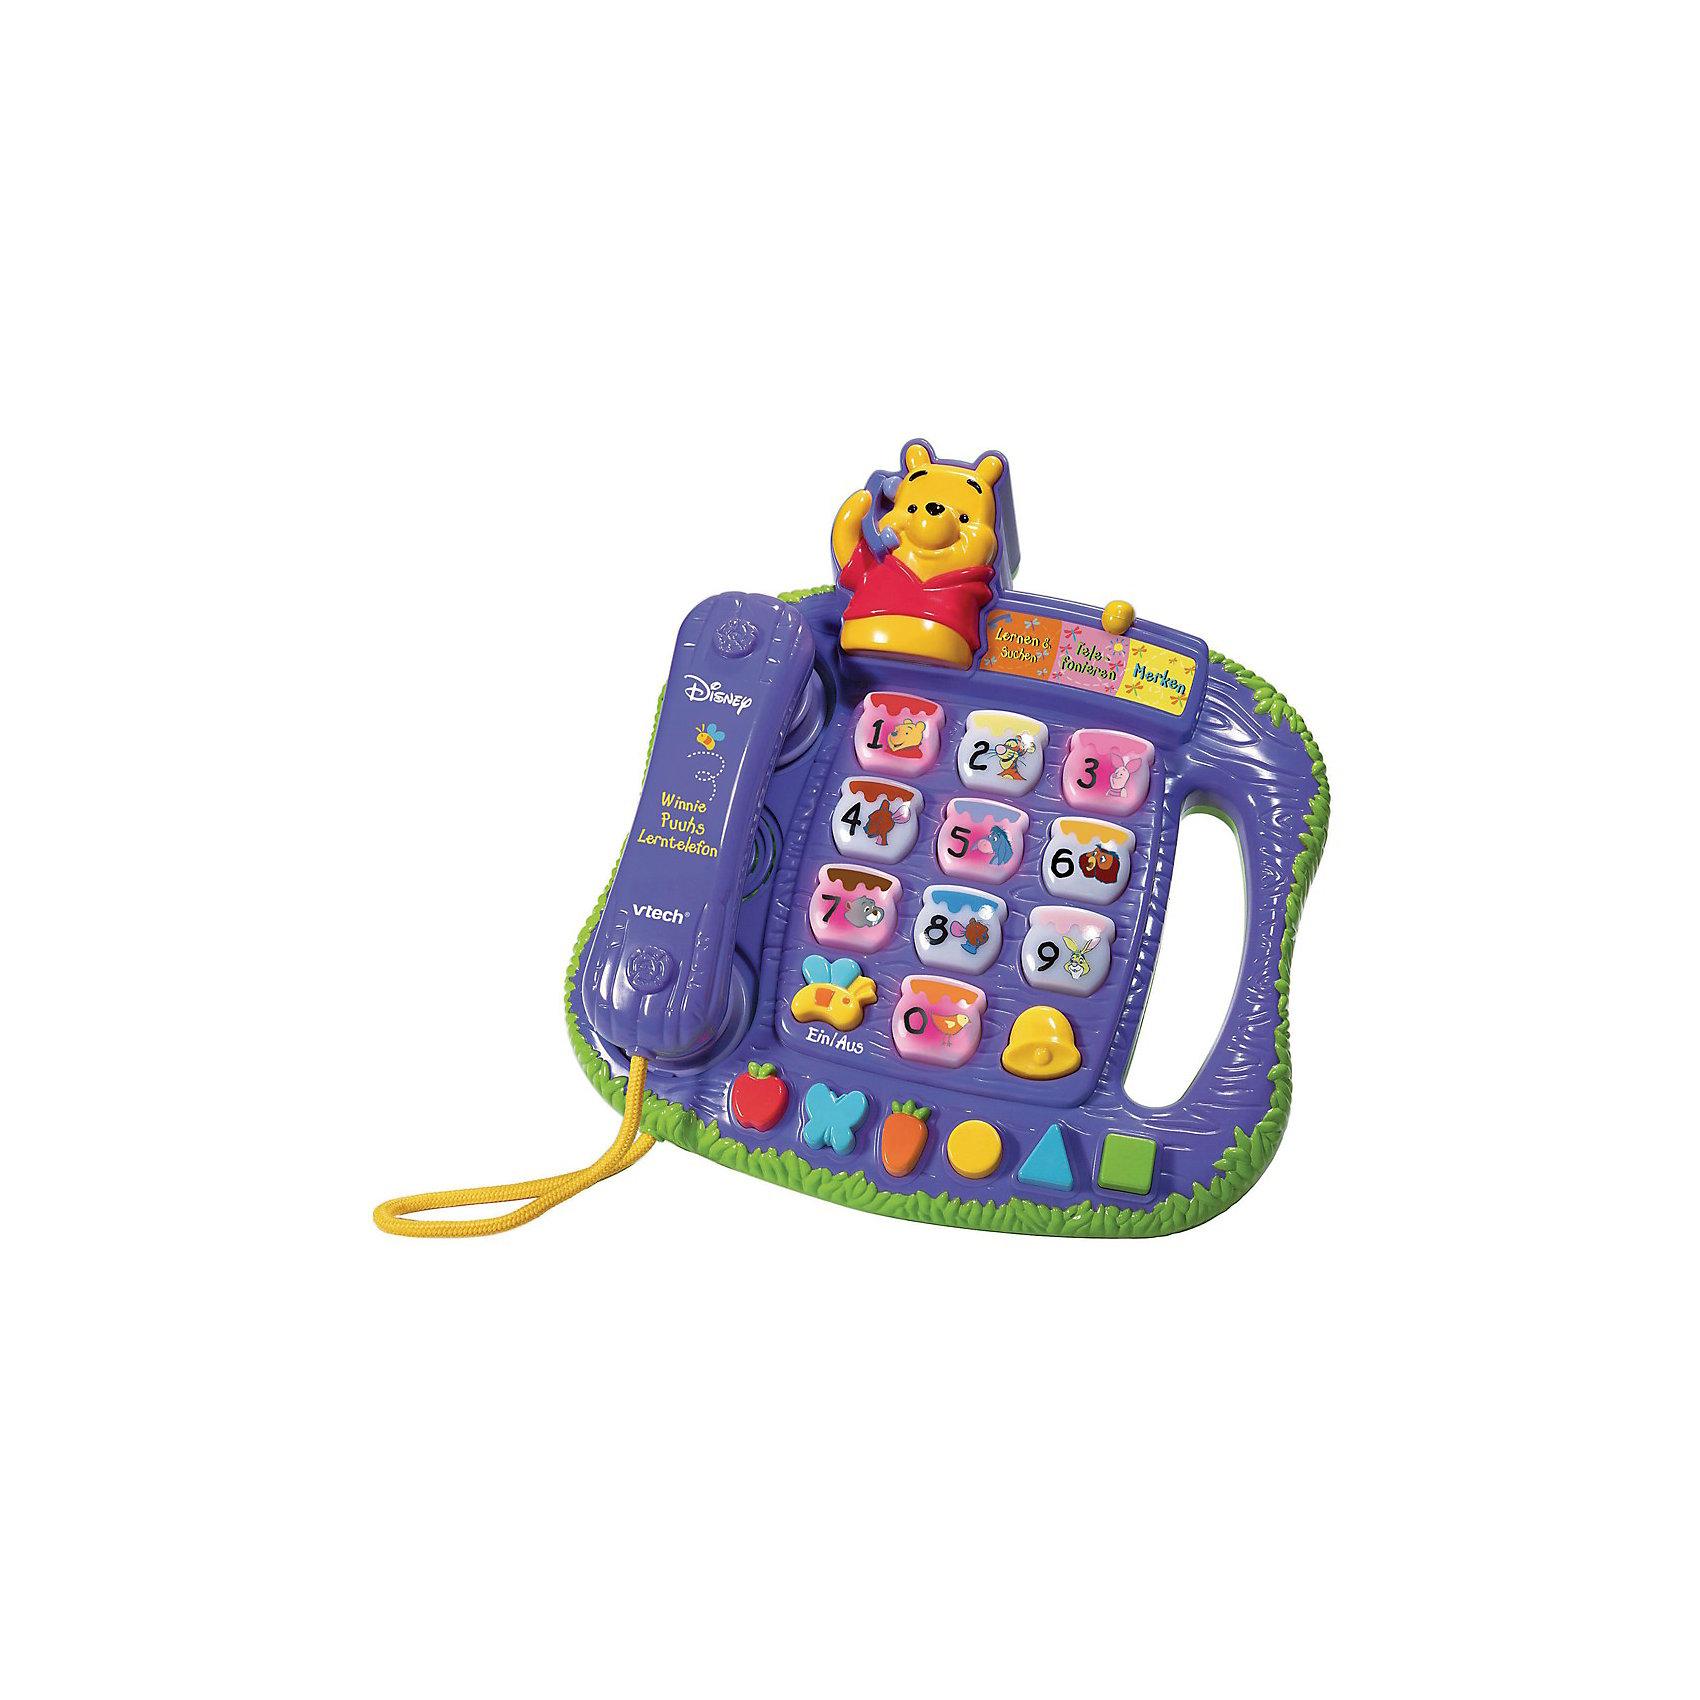 Vtech Vtech Обучающий телефон Винни электронные игрушки vtech обучающий телефон маленькой принцессы 80 069226